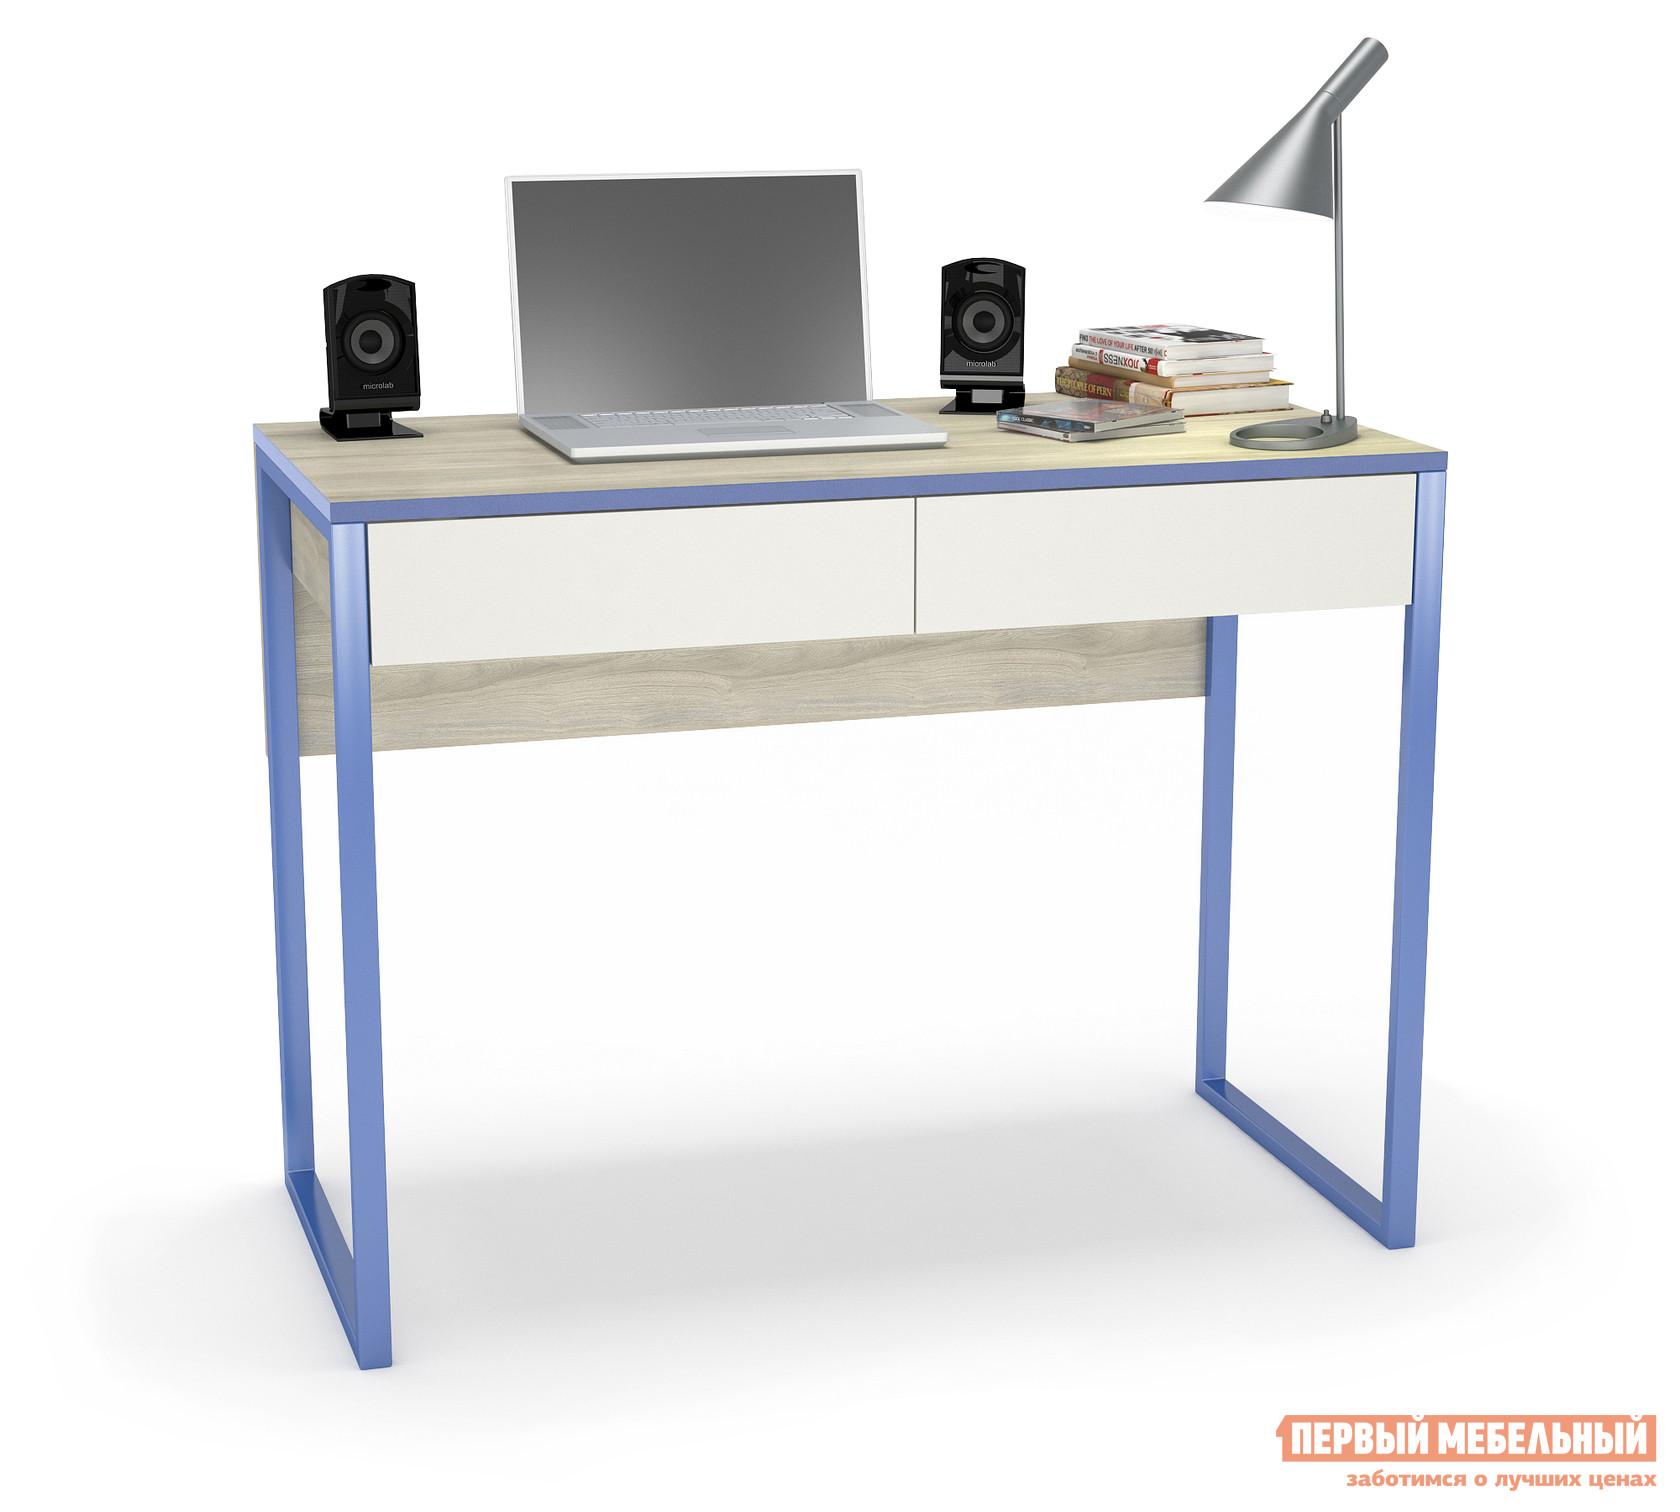 Компьютерный стол MOBI Гольф Стол письменный Вяз Либерти светлый / Белый матовый / Голубой металл